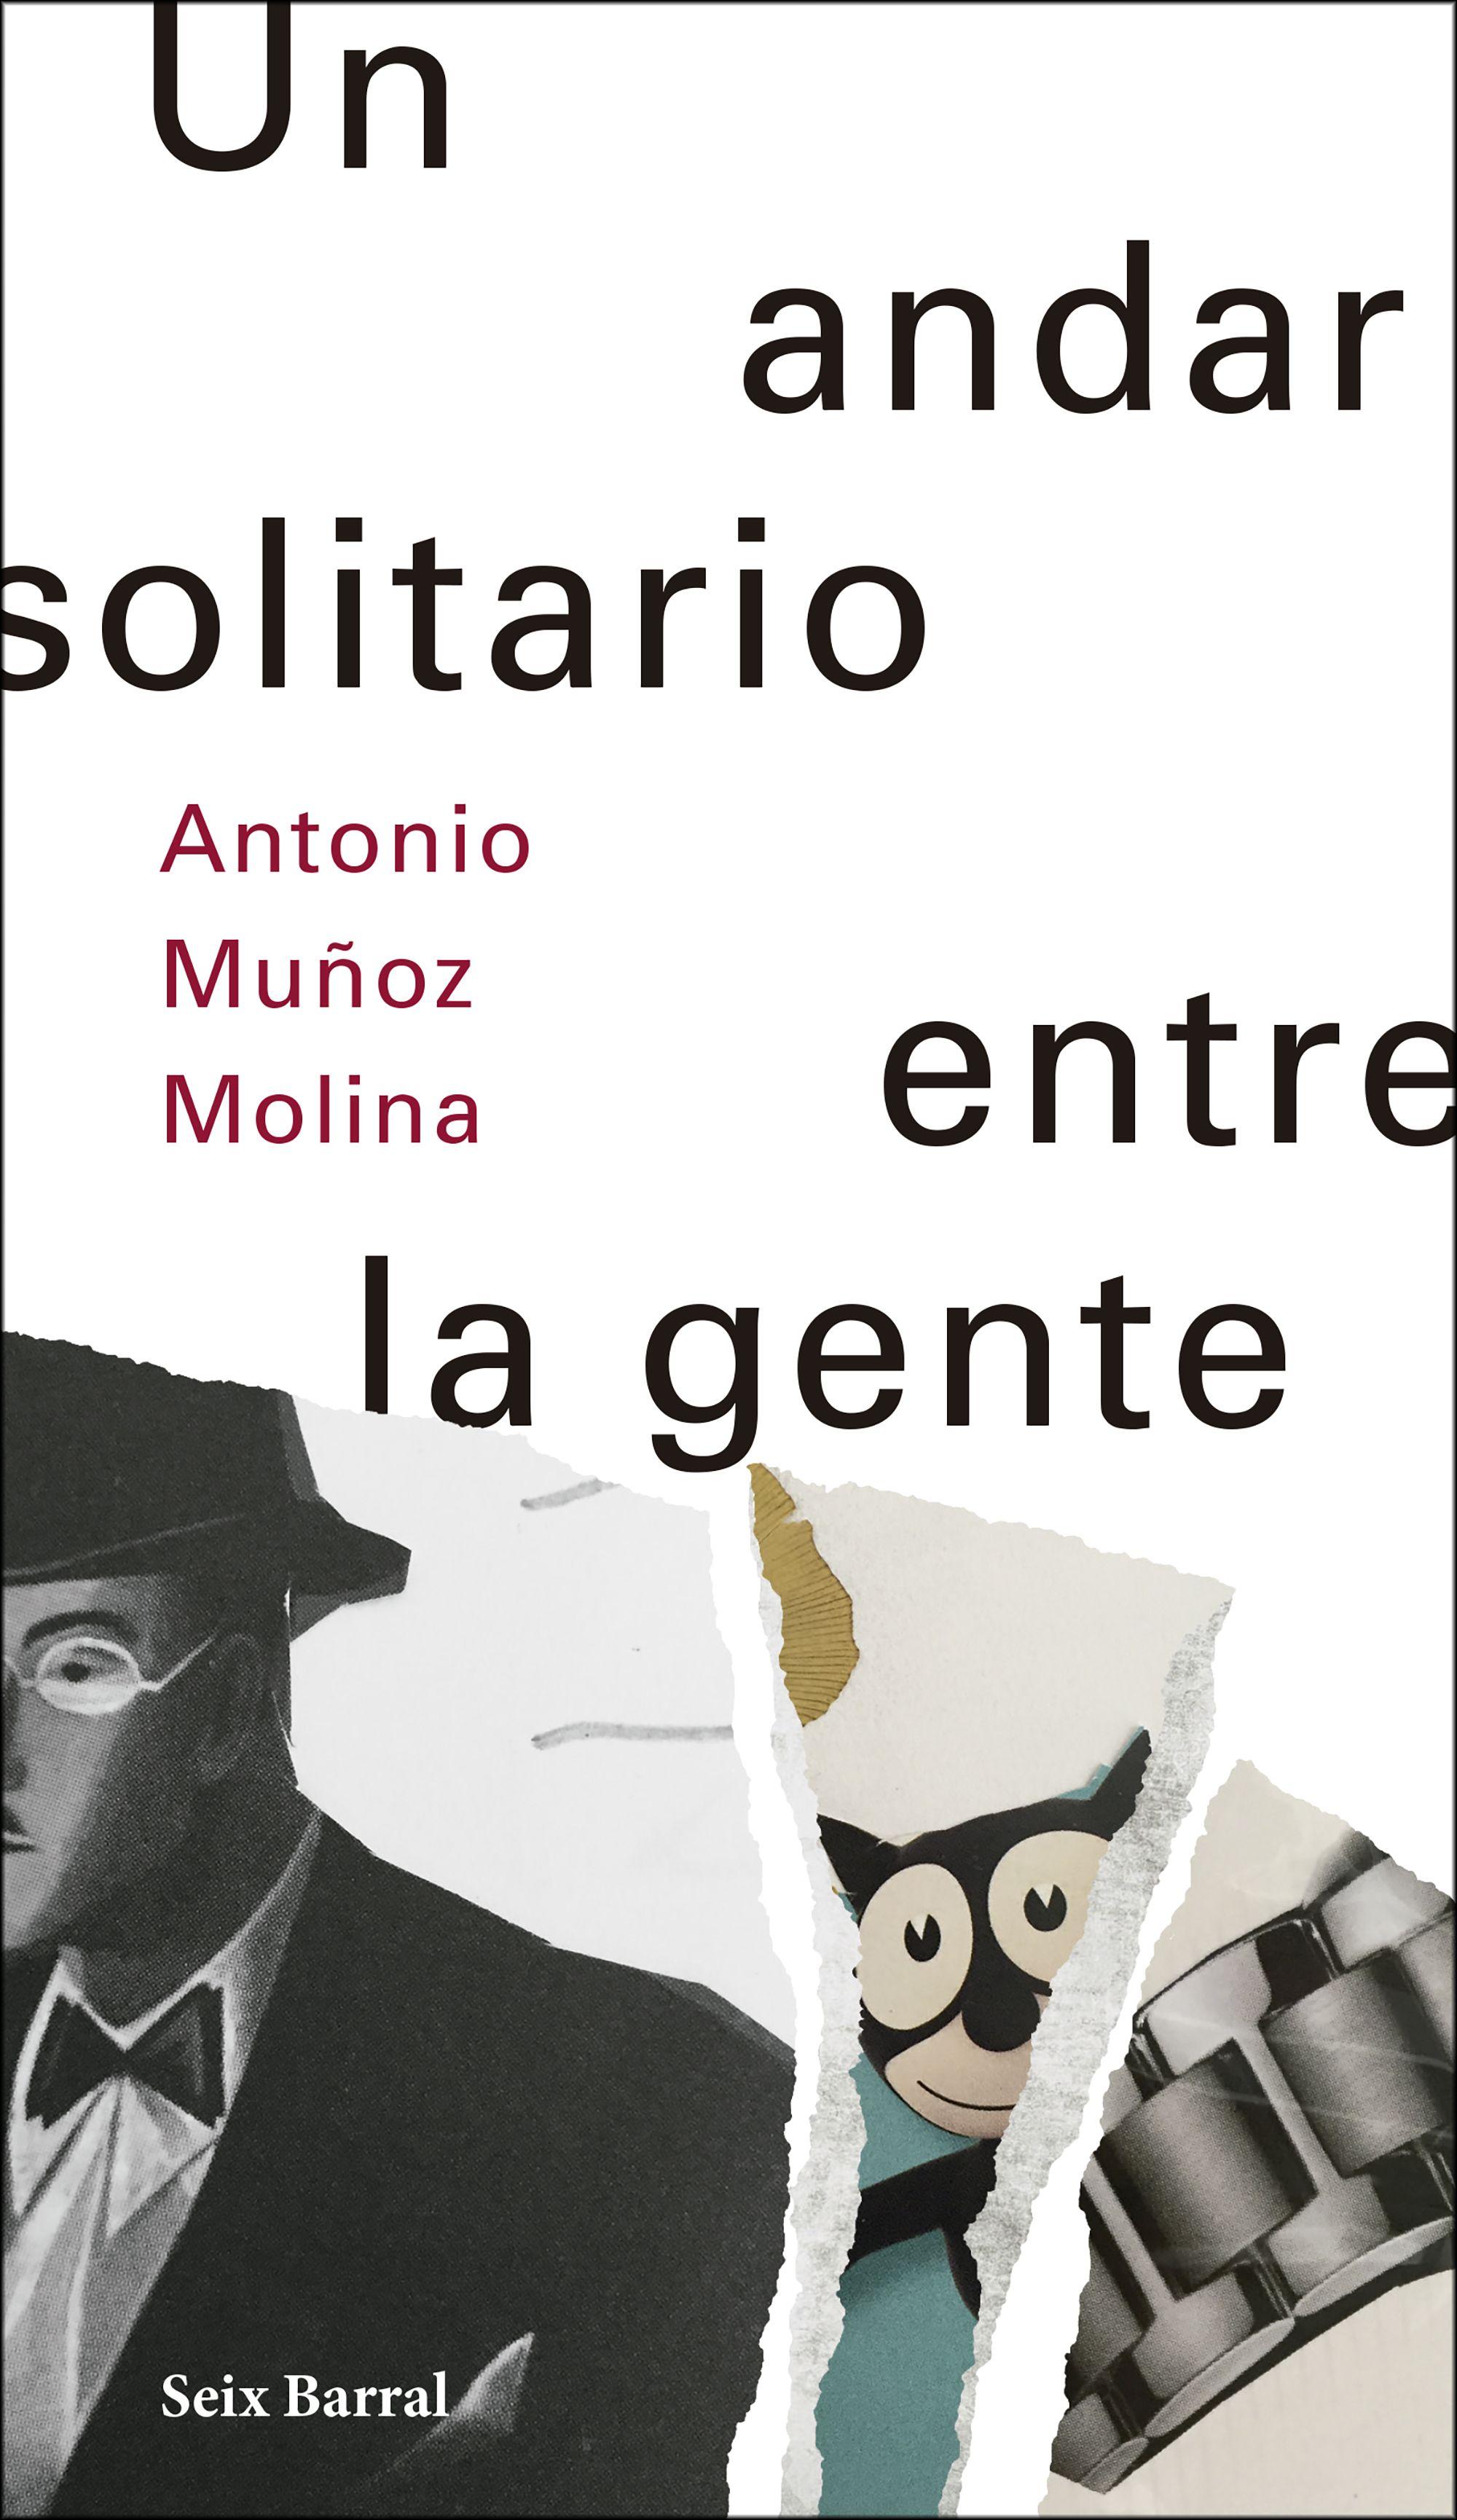 Un andar solitario entre la gente (Antonio Muñoz Molina, 2018)